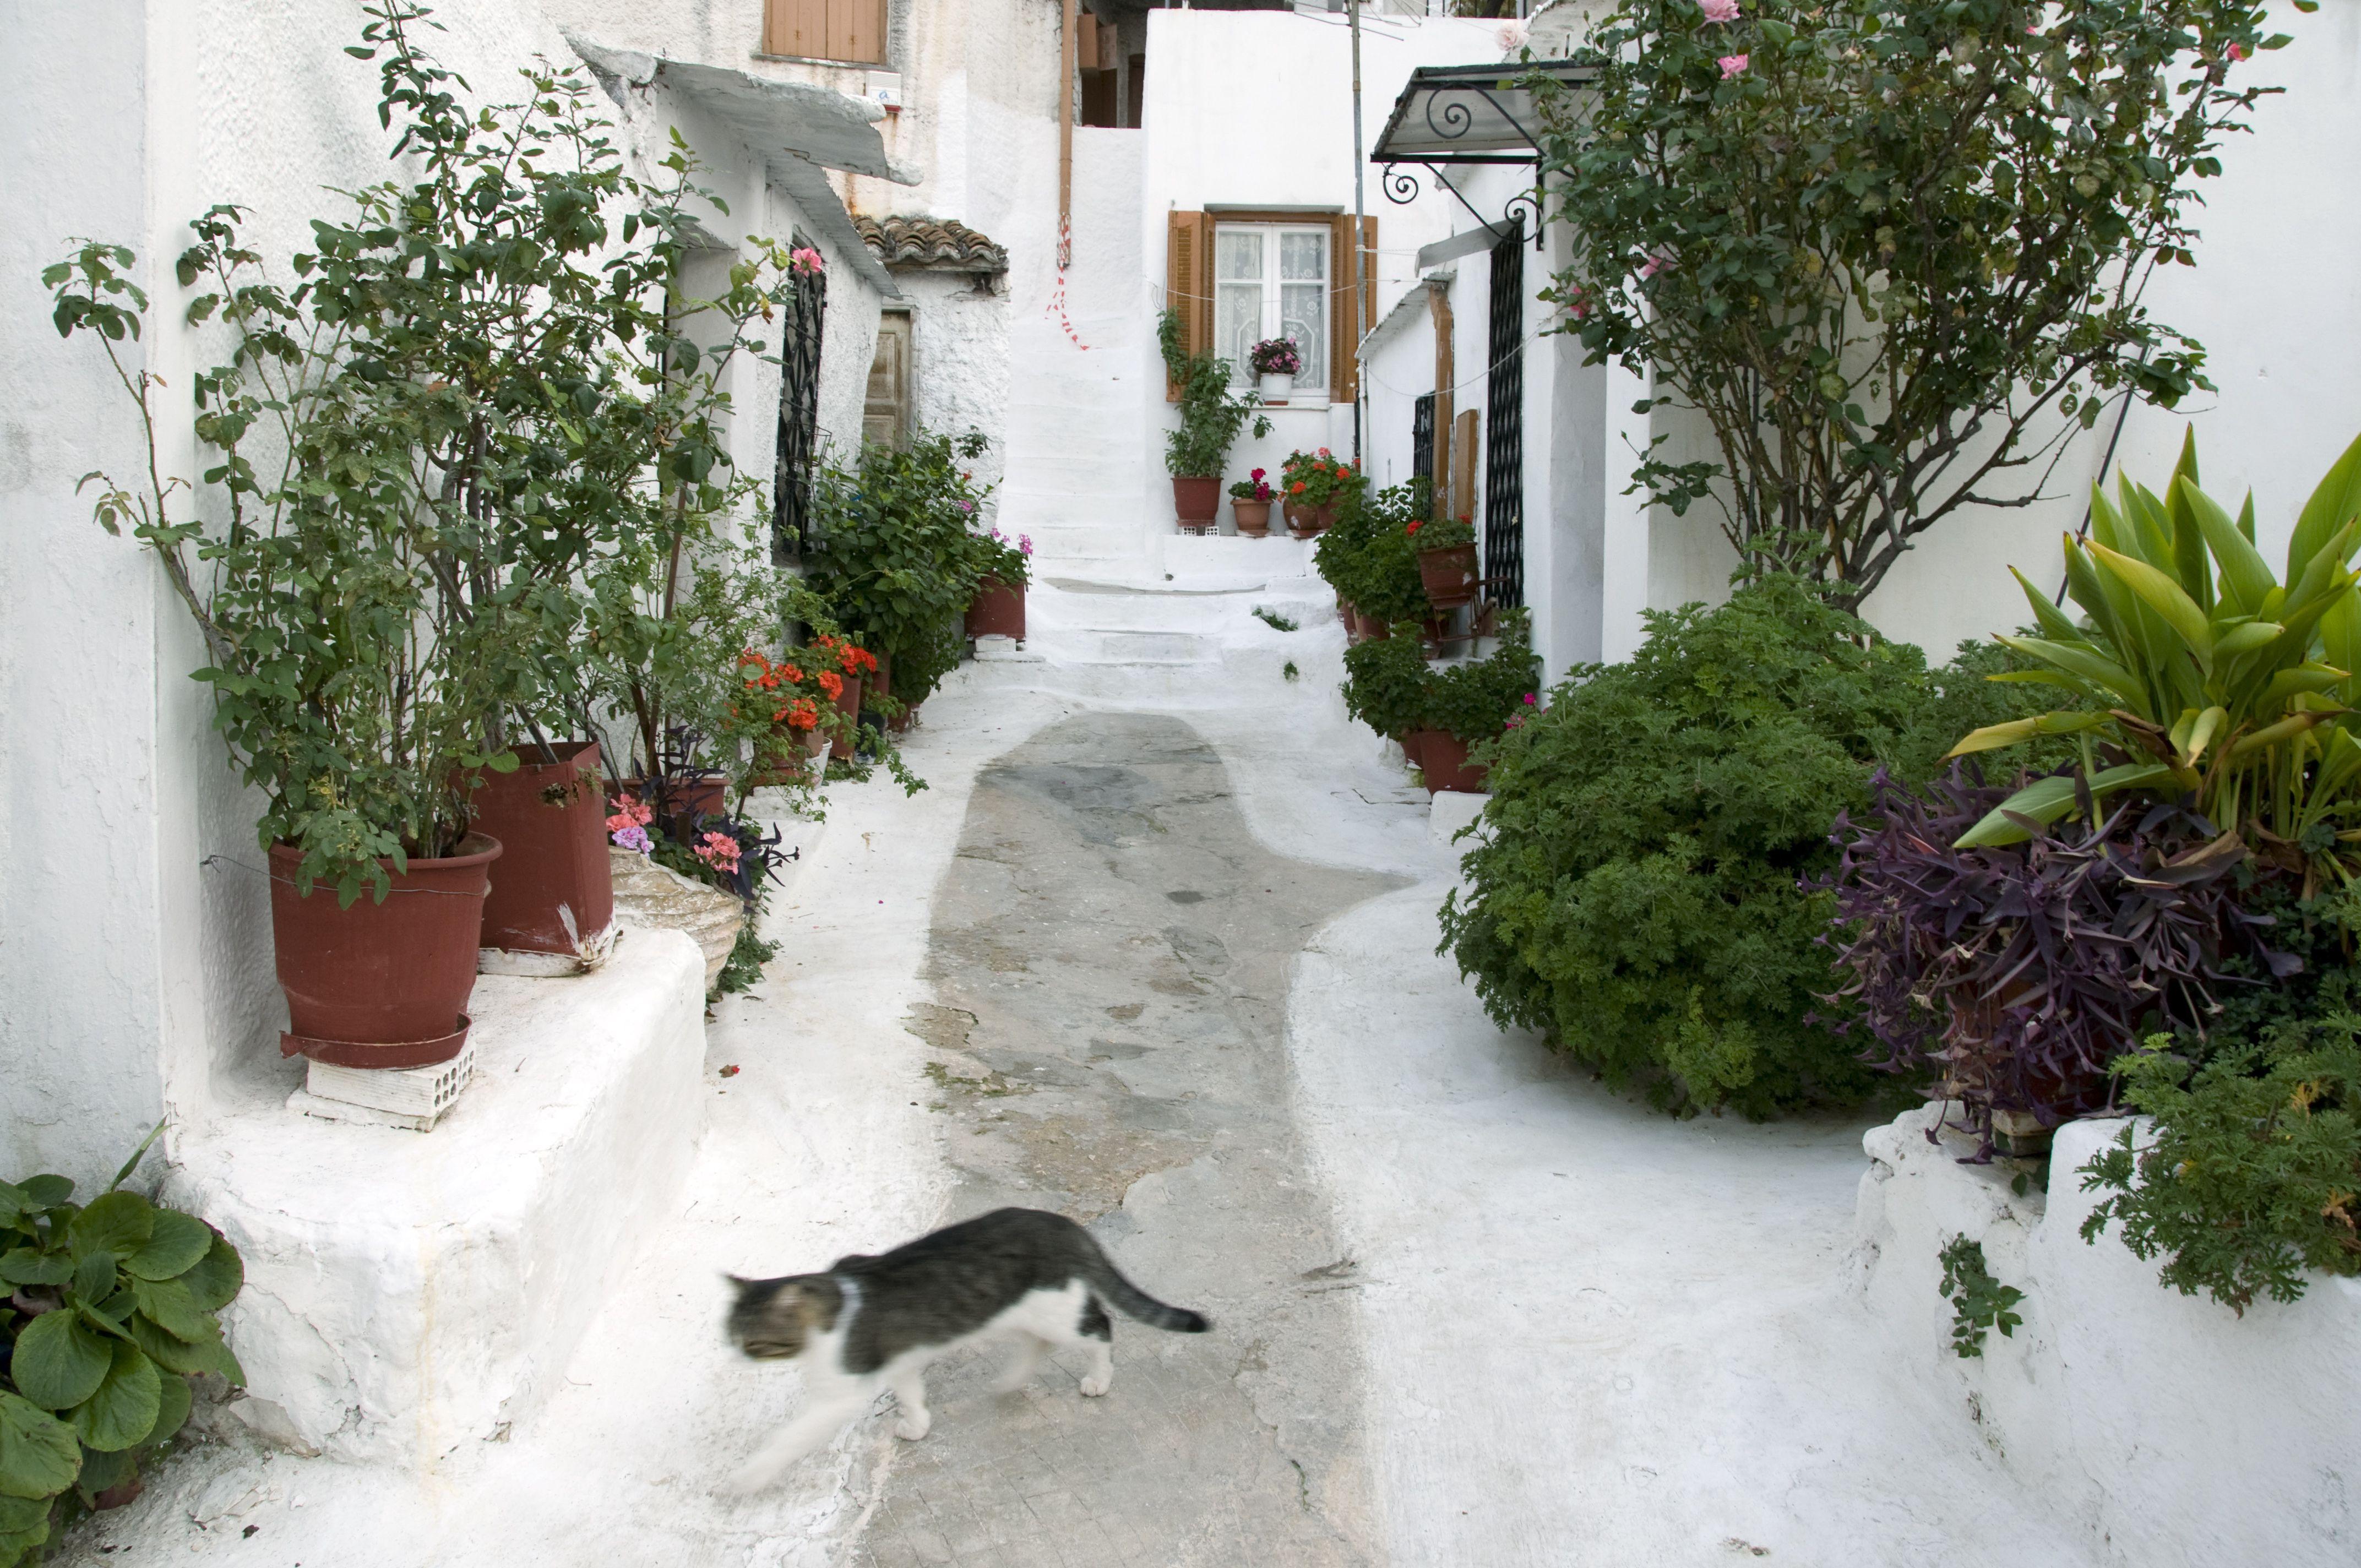 Gato caminando por un camino estrecho y empinado en el barrio de Anafiotika